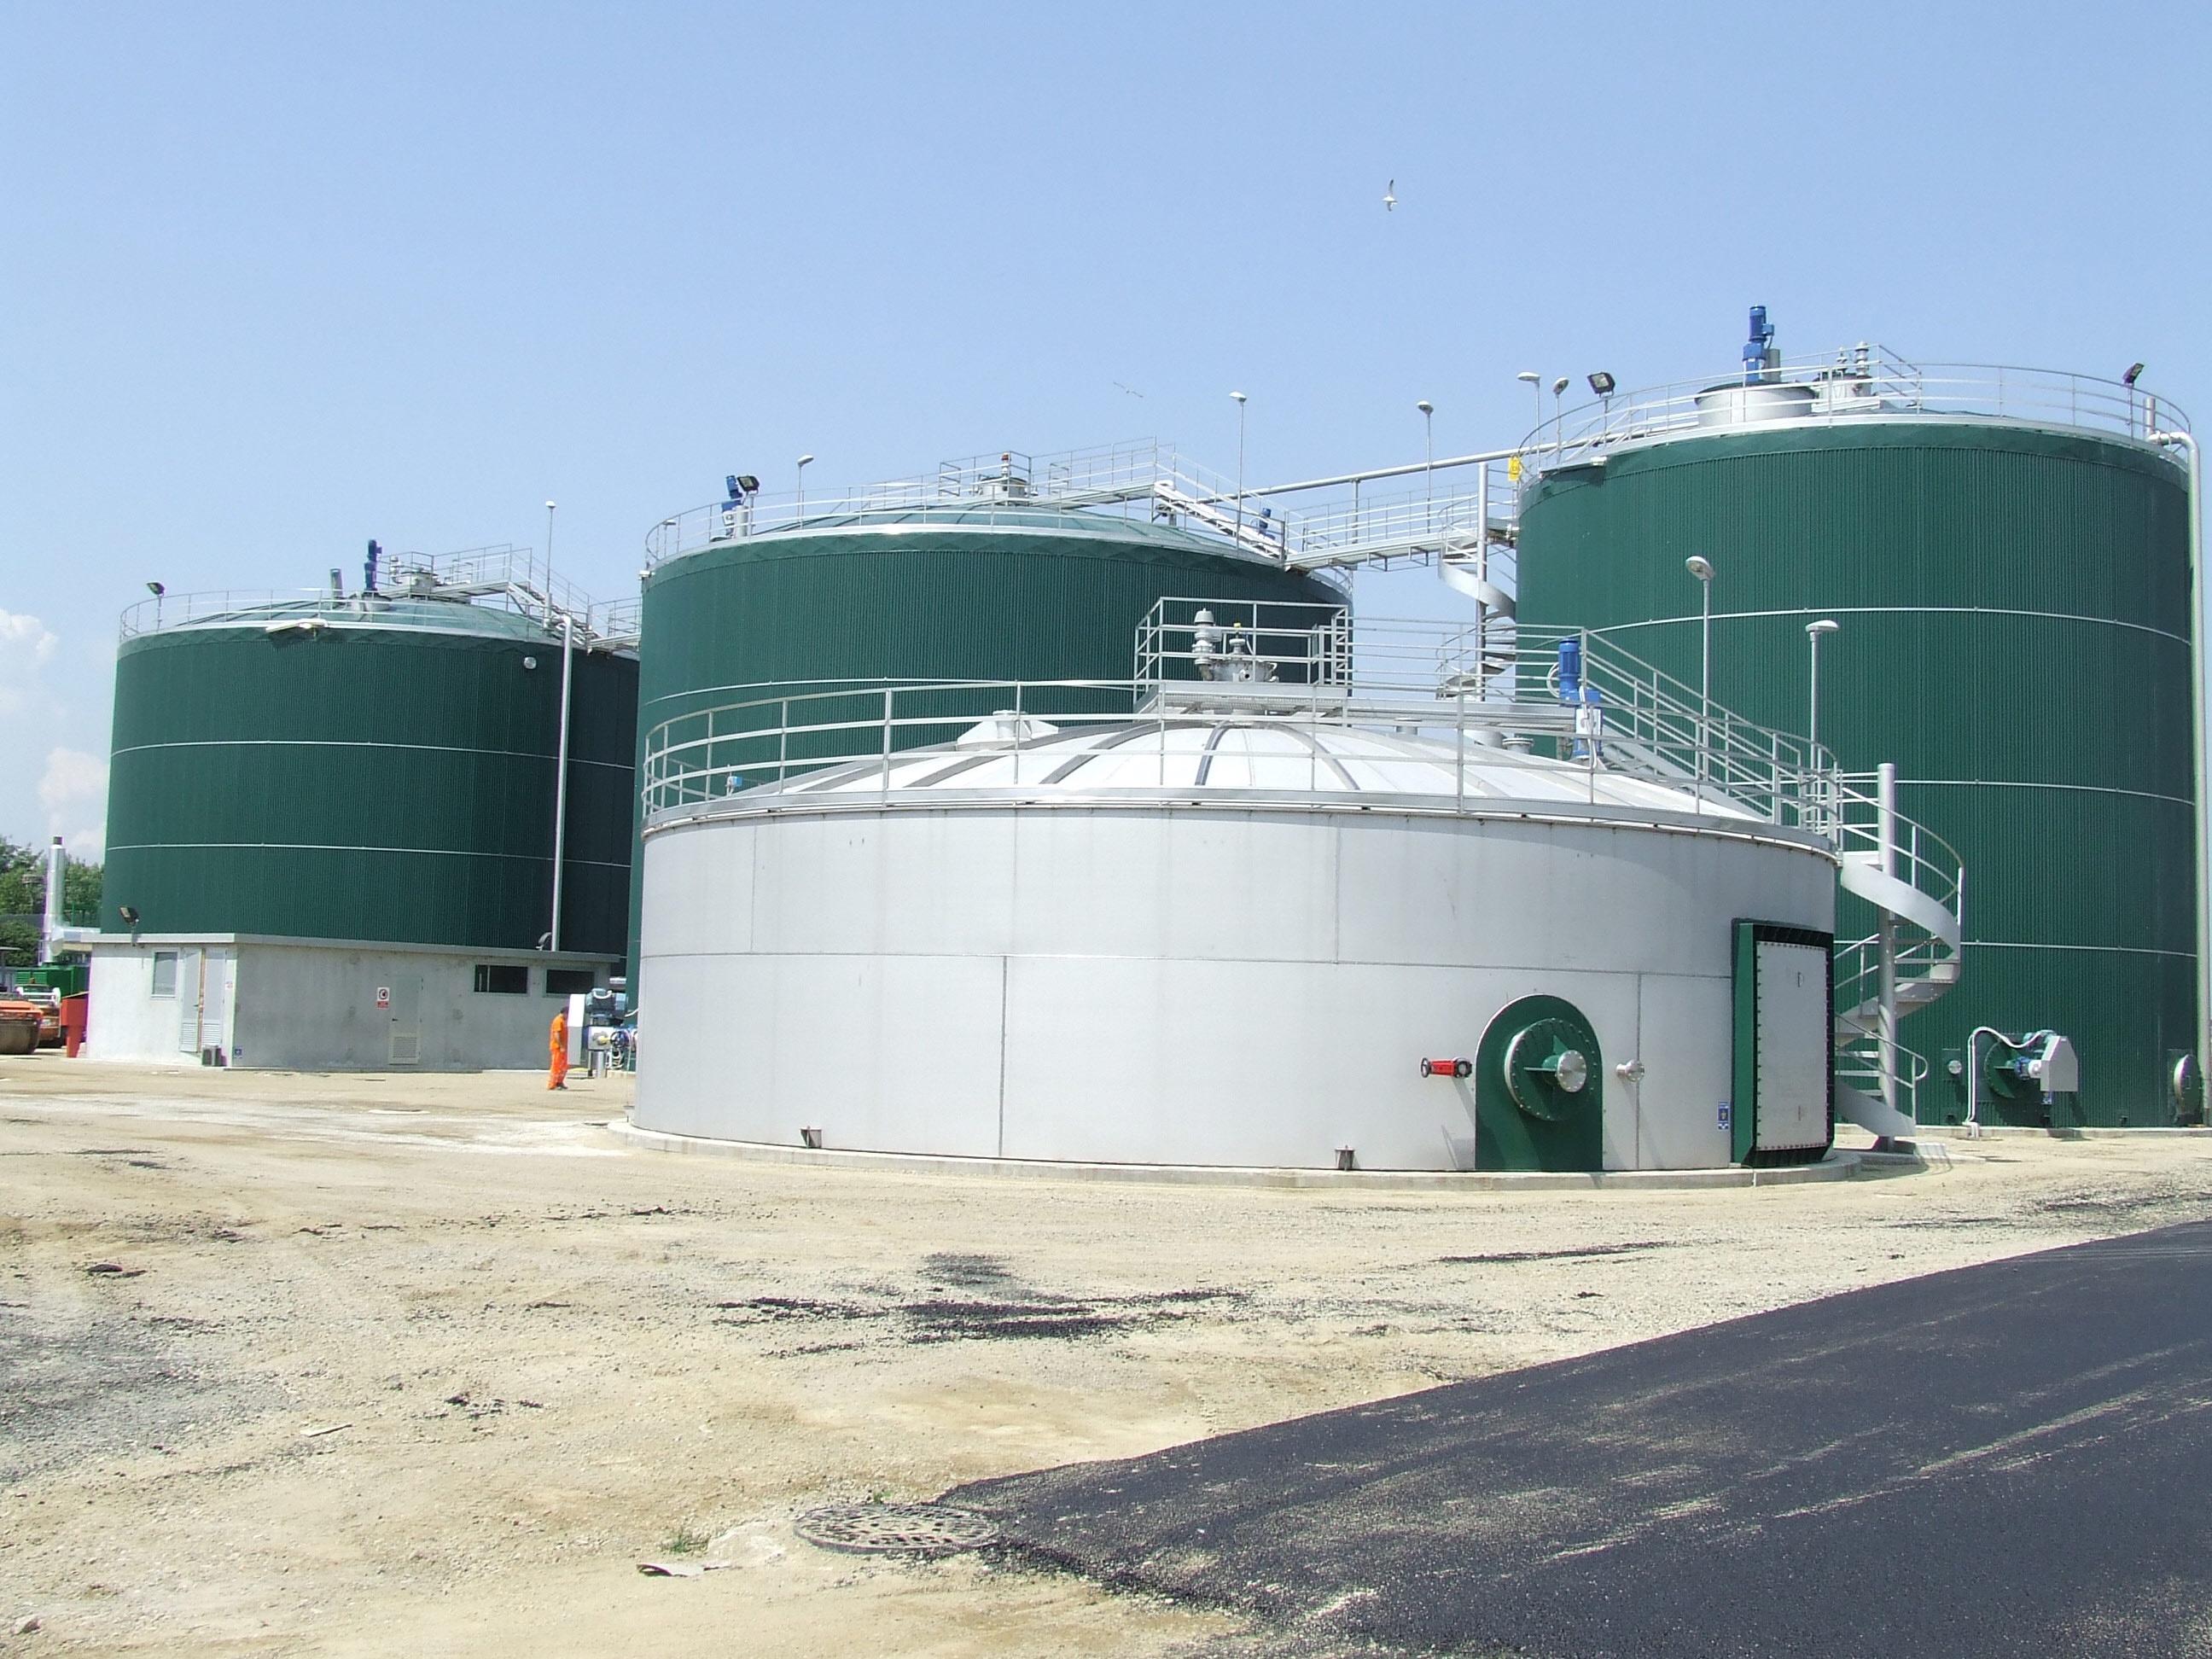 Inaugurato a Faenza il primo impianto di biogas agricolo in Italia